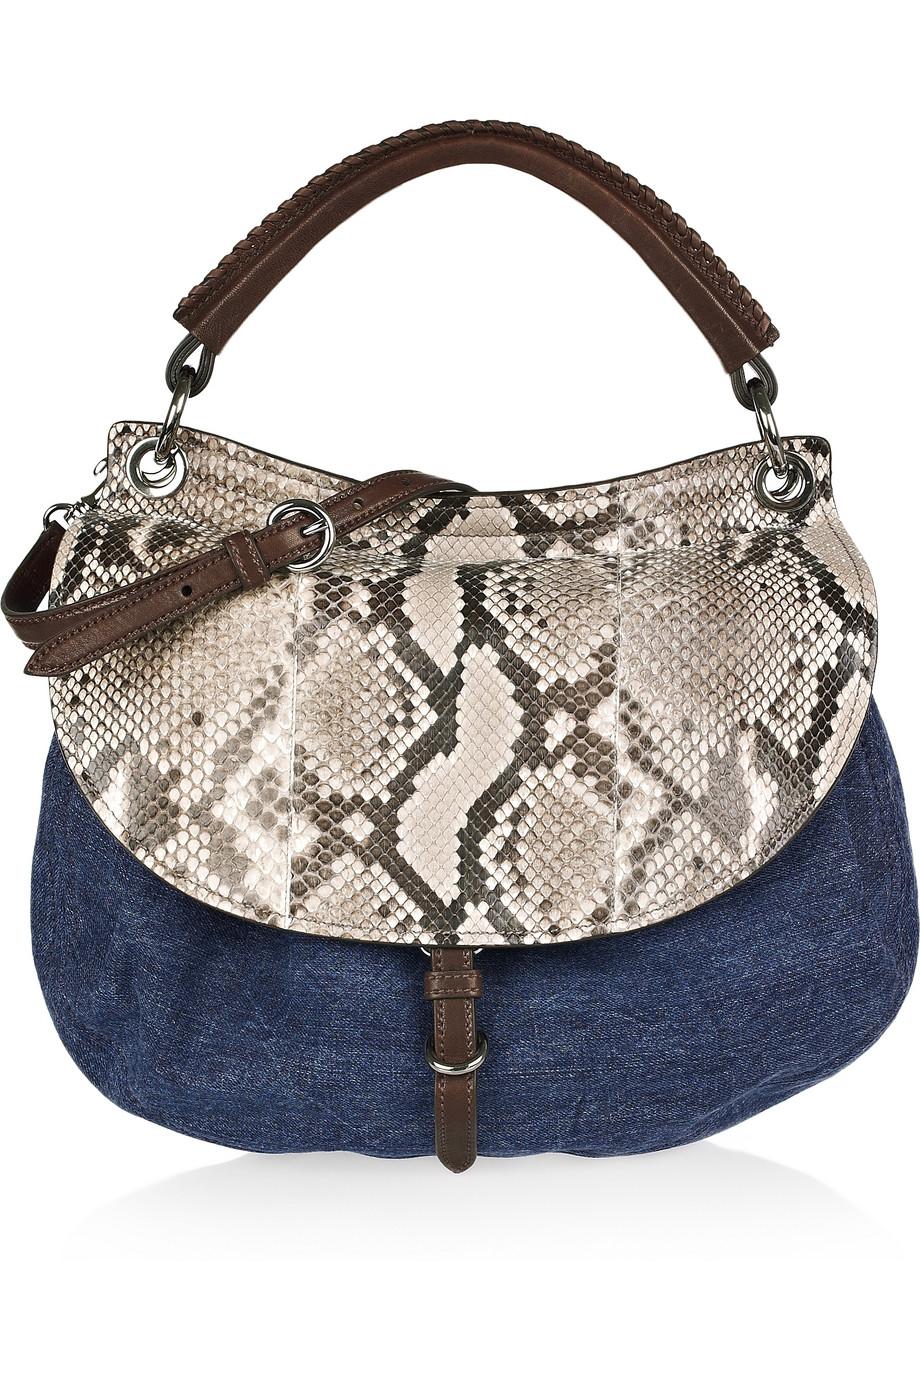 4528730145d9 Lyst - Miu Miu Denim and Python Shoulder Bag in Blue